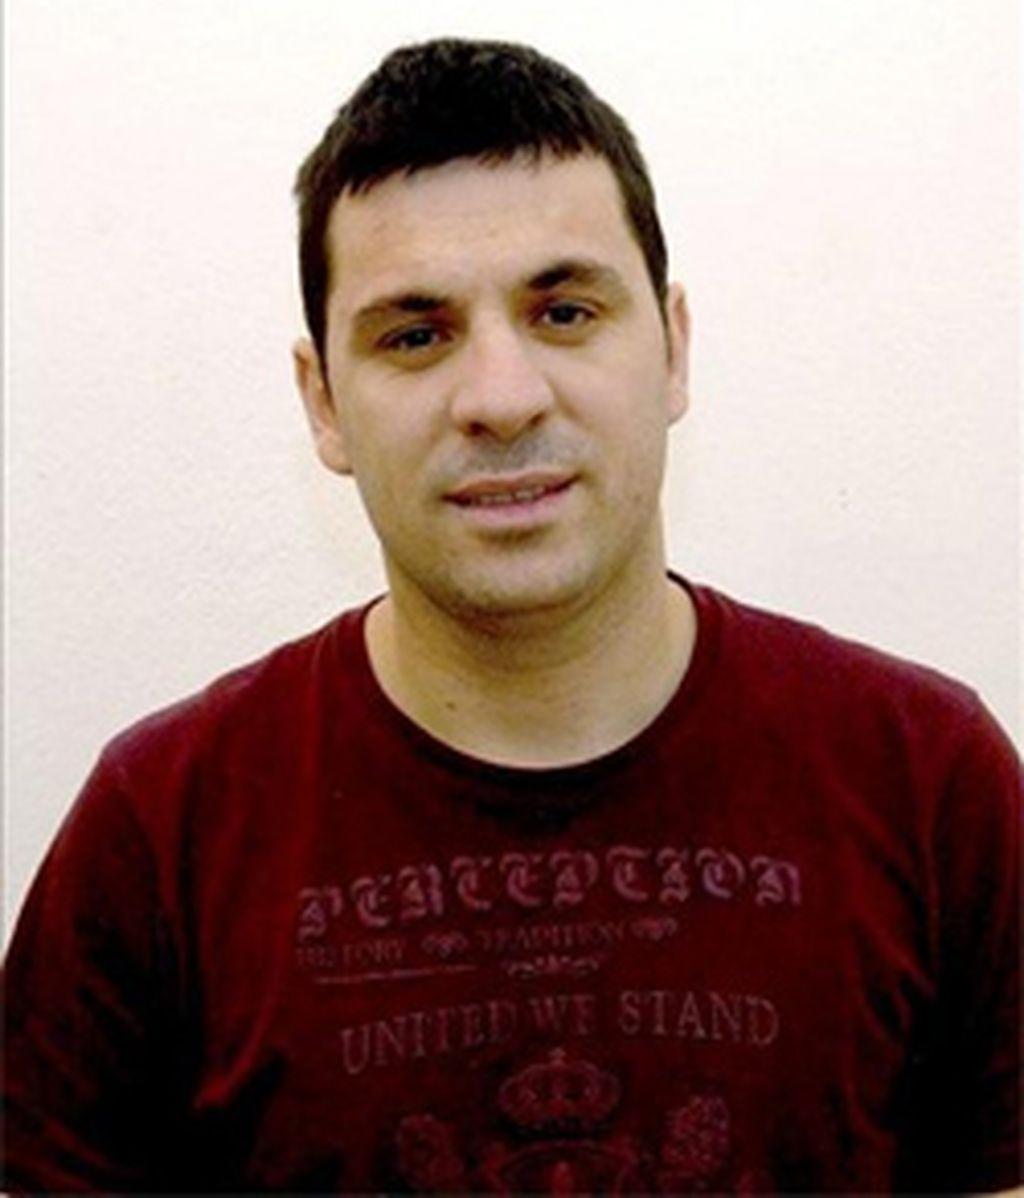 Astrit Bushi fue de nuevo detenido el 7 de junio en Albania en la denominada 'Operación Arbusto'. Foto: Archivo.